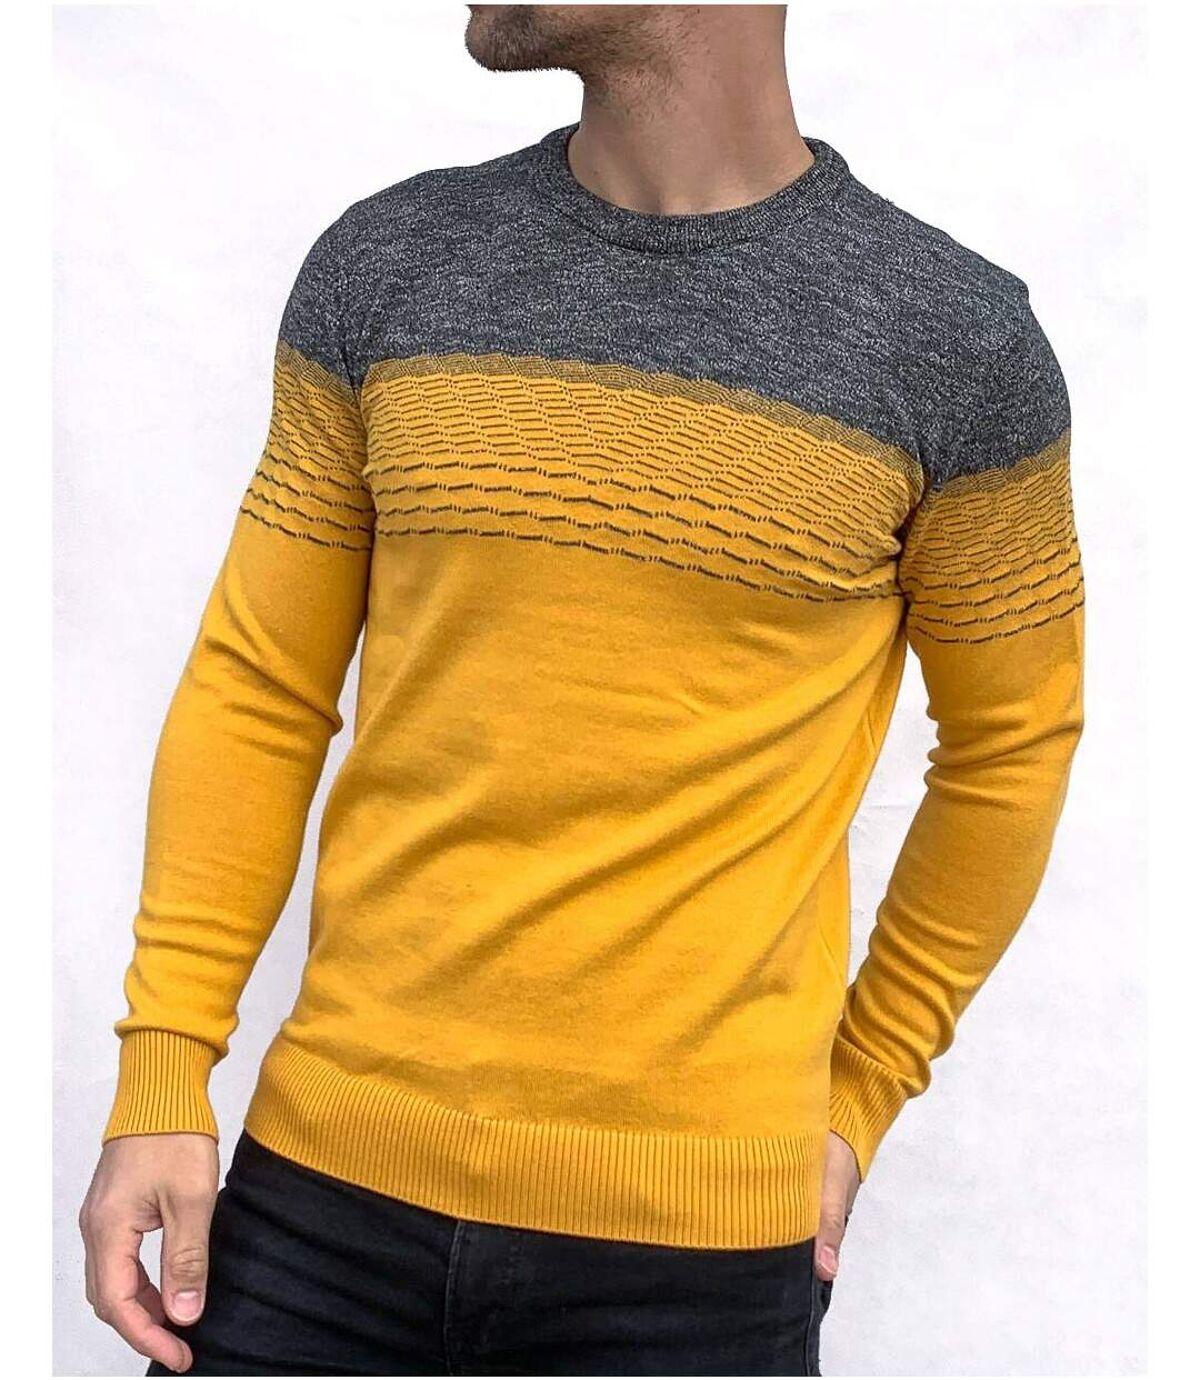 Pull camel moutarde bi color gris anthracite en coton hiver col rond pour homme